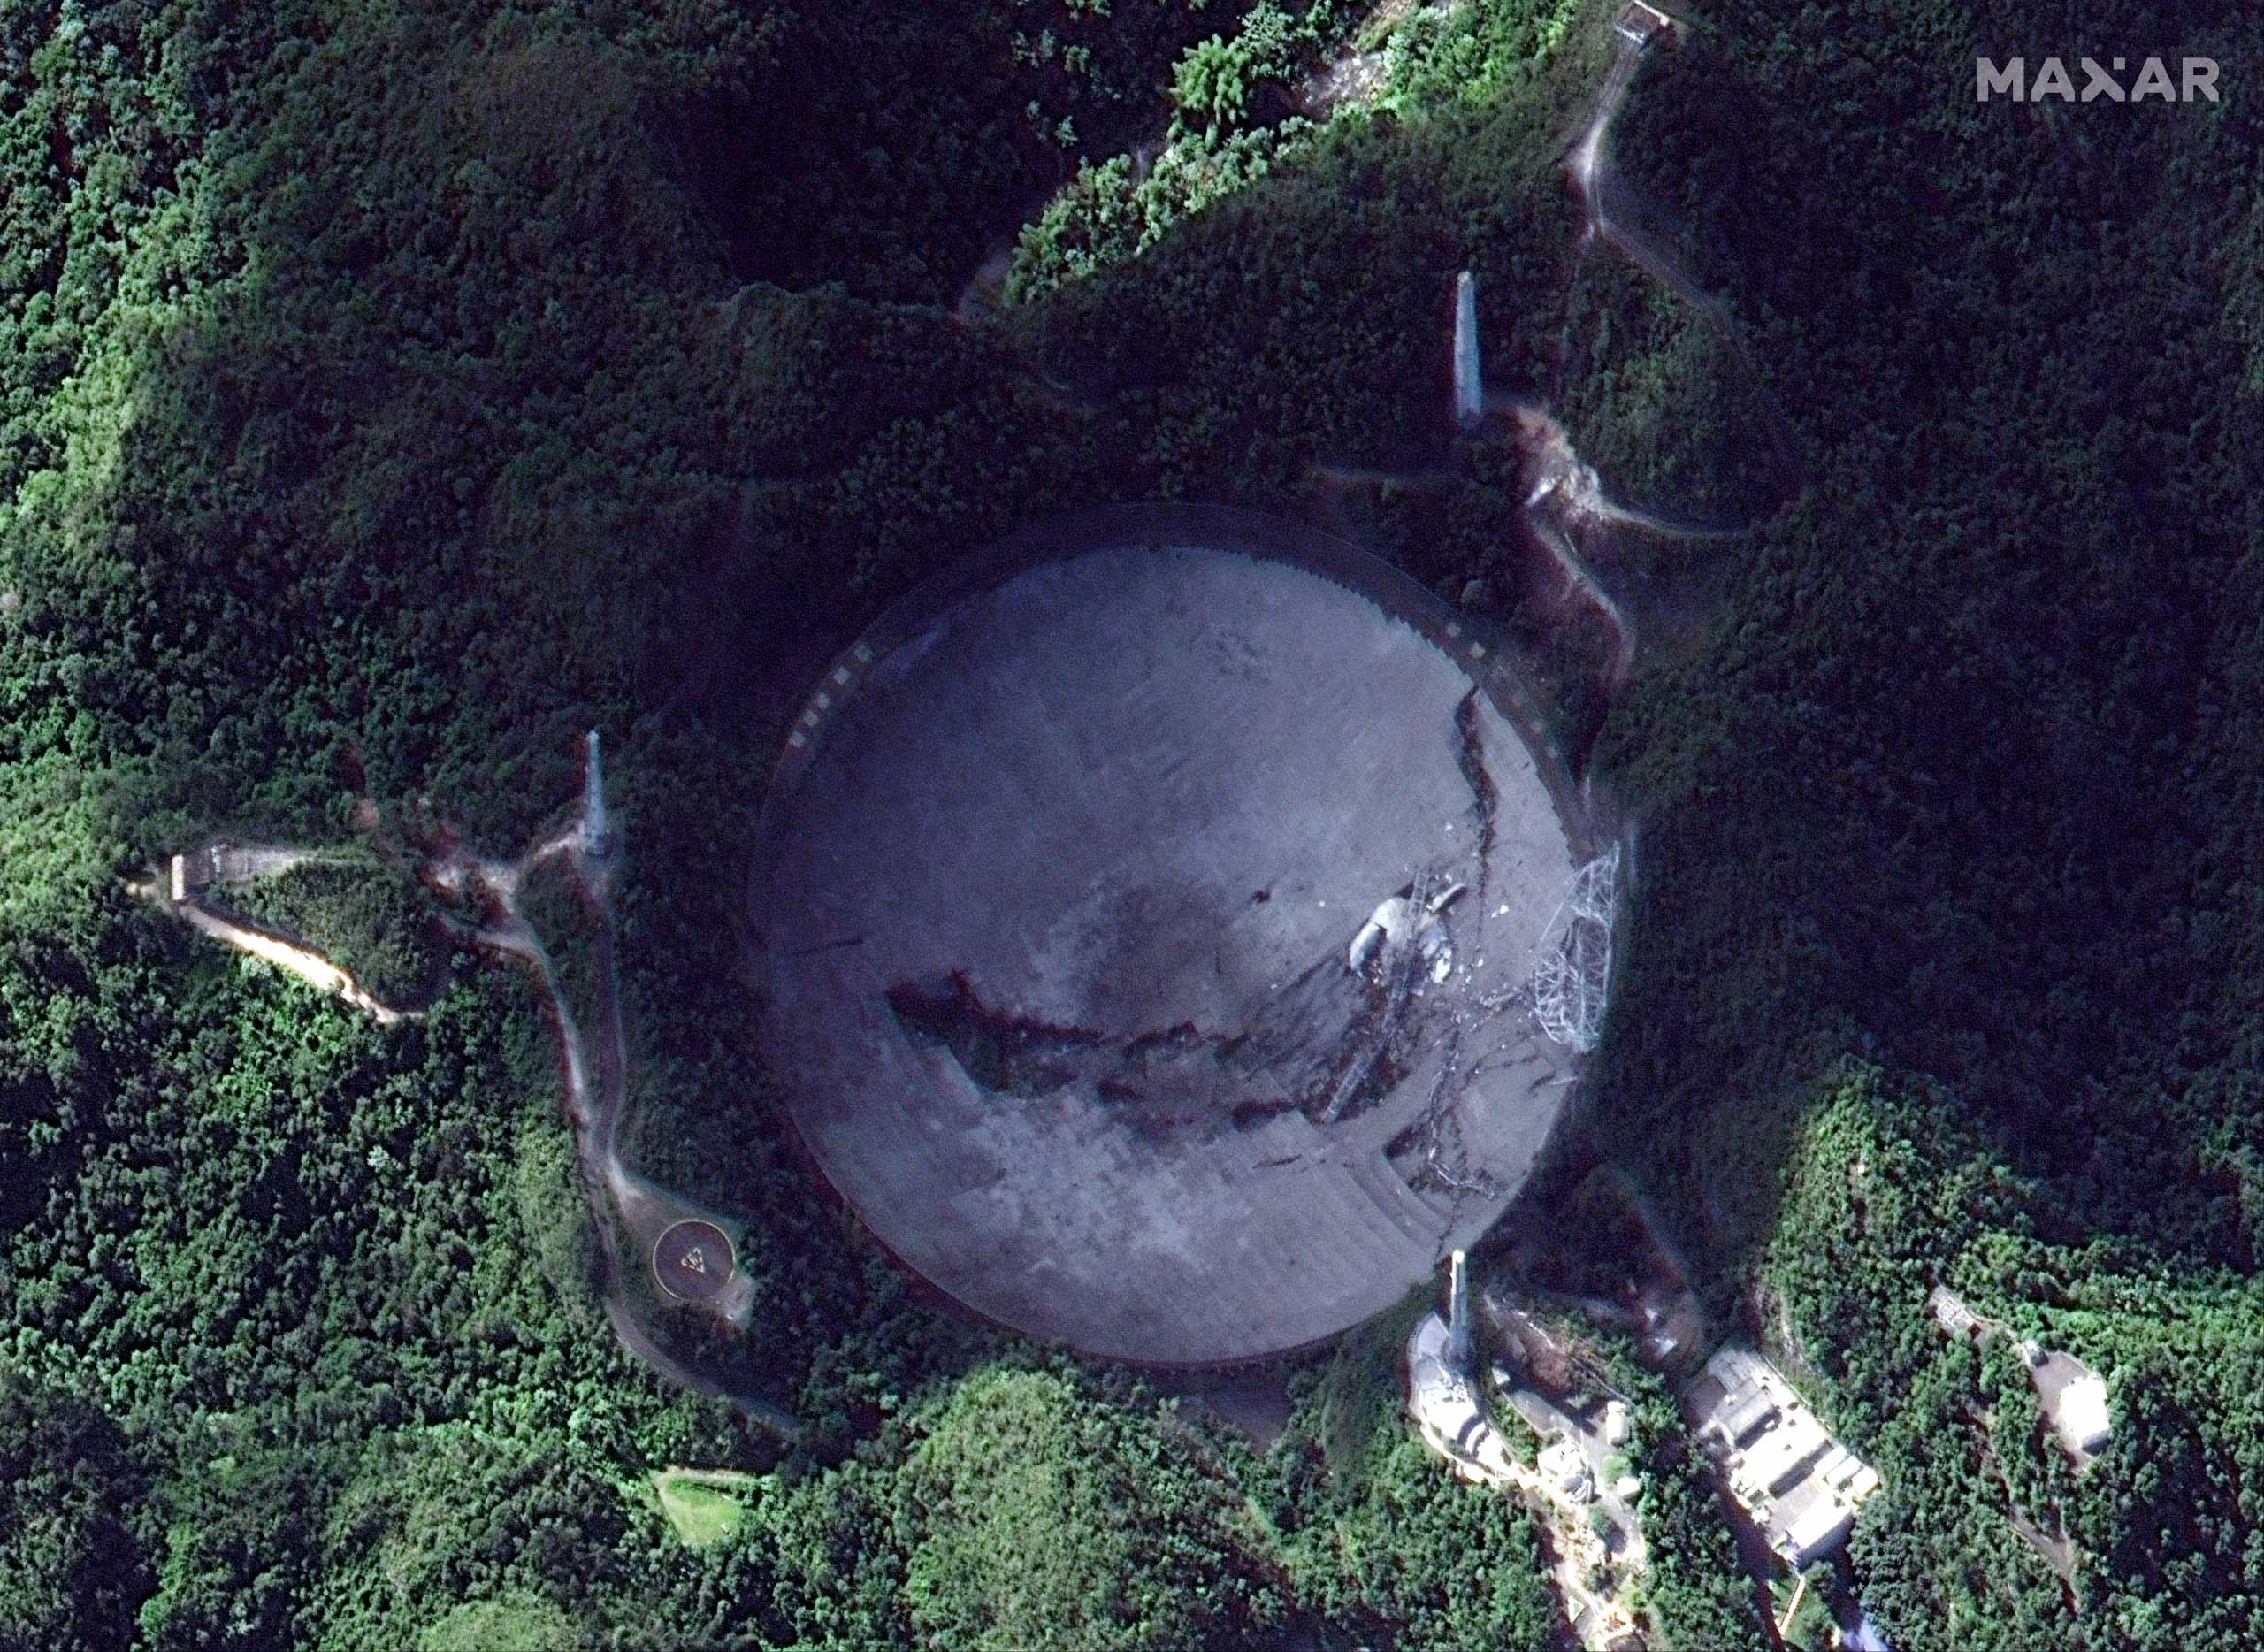 Πουέρτο Ρίκο: 8 εκατ. δολάρια για να ξεκινήσει η ανακατασκευή του τηλεσκοπίου του Αρεσίμπο